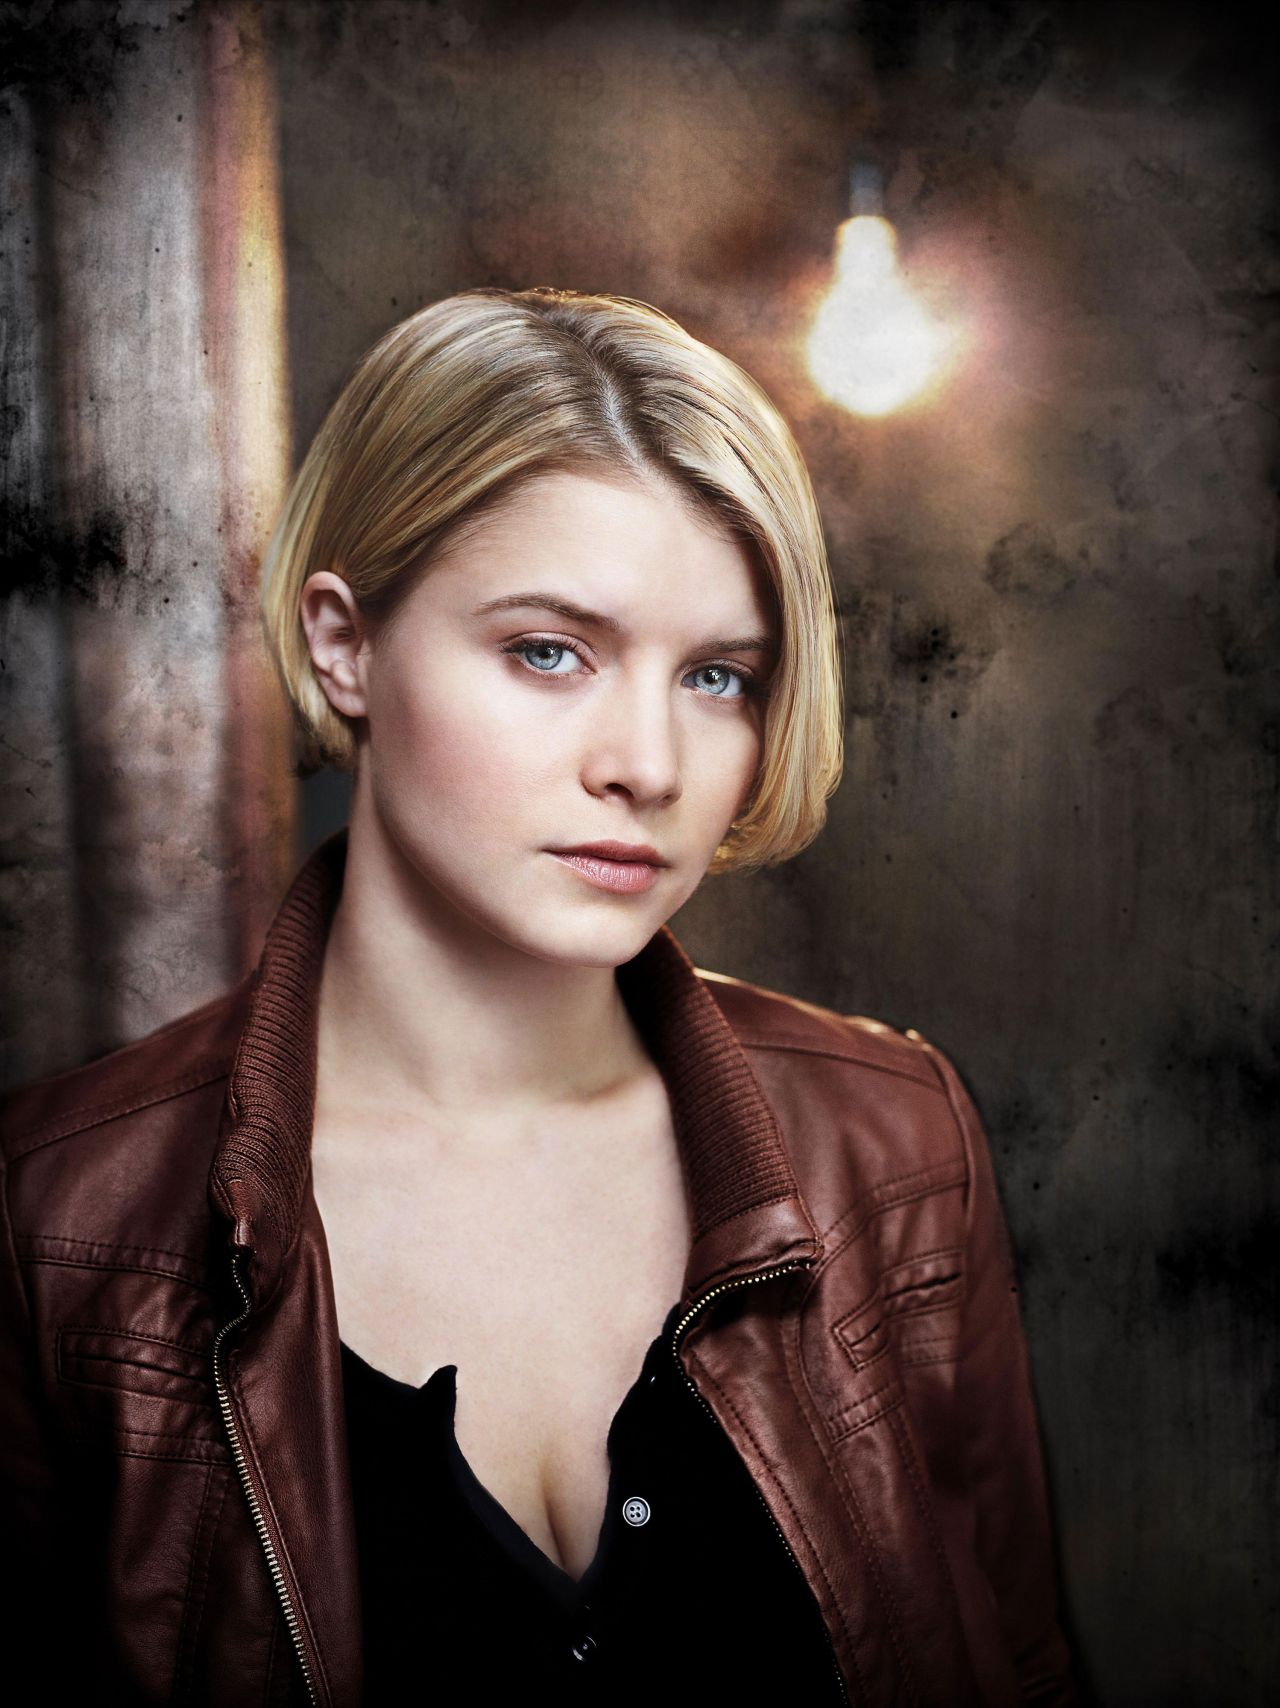 sarah jones - fox drama 'alcatraz' promoshoot